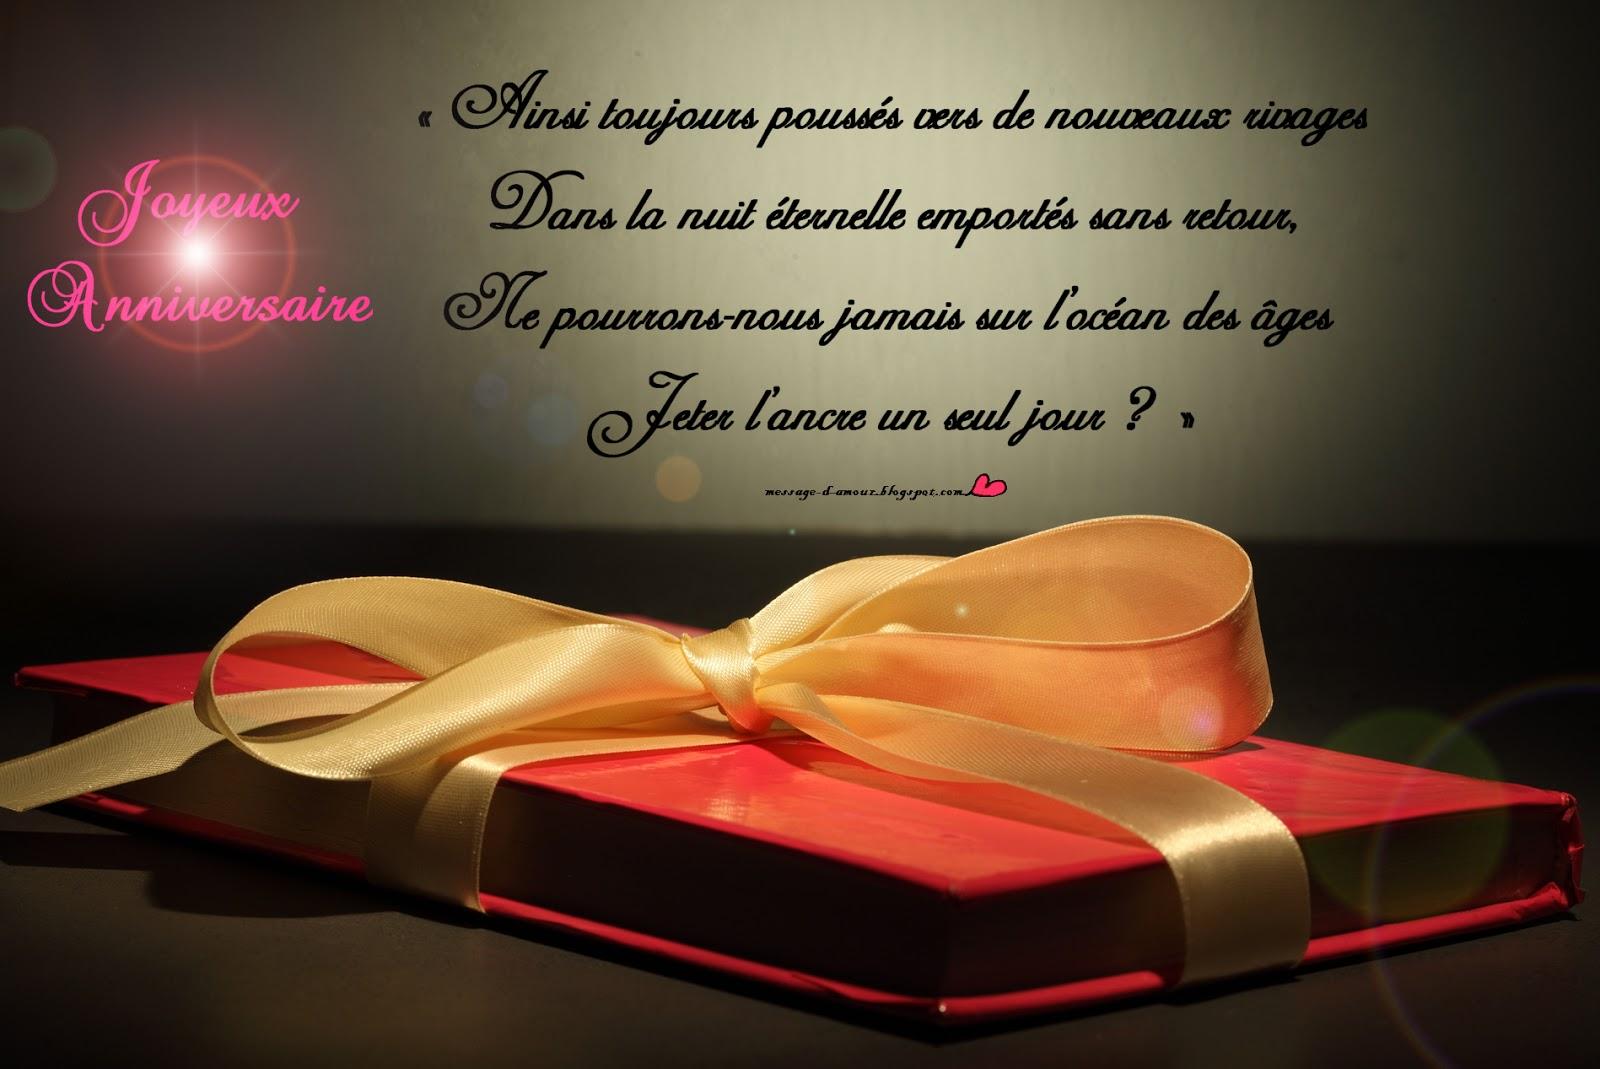 Poème Amour Poésie Et Citations 2019 Texte Anniversaire